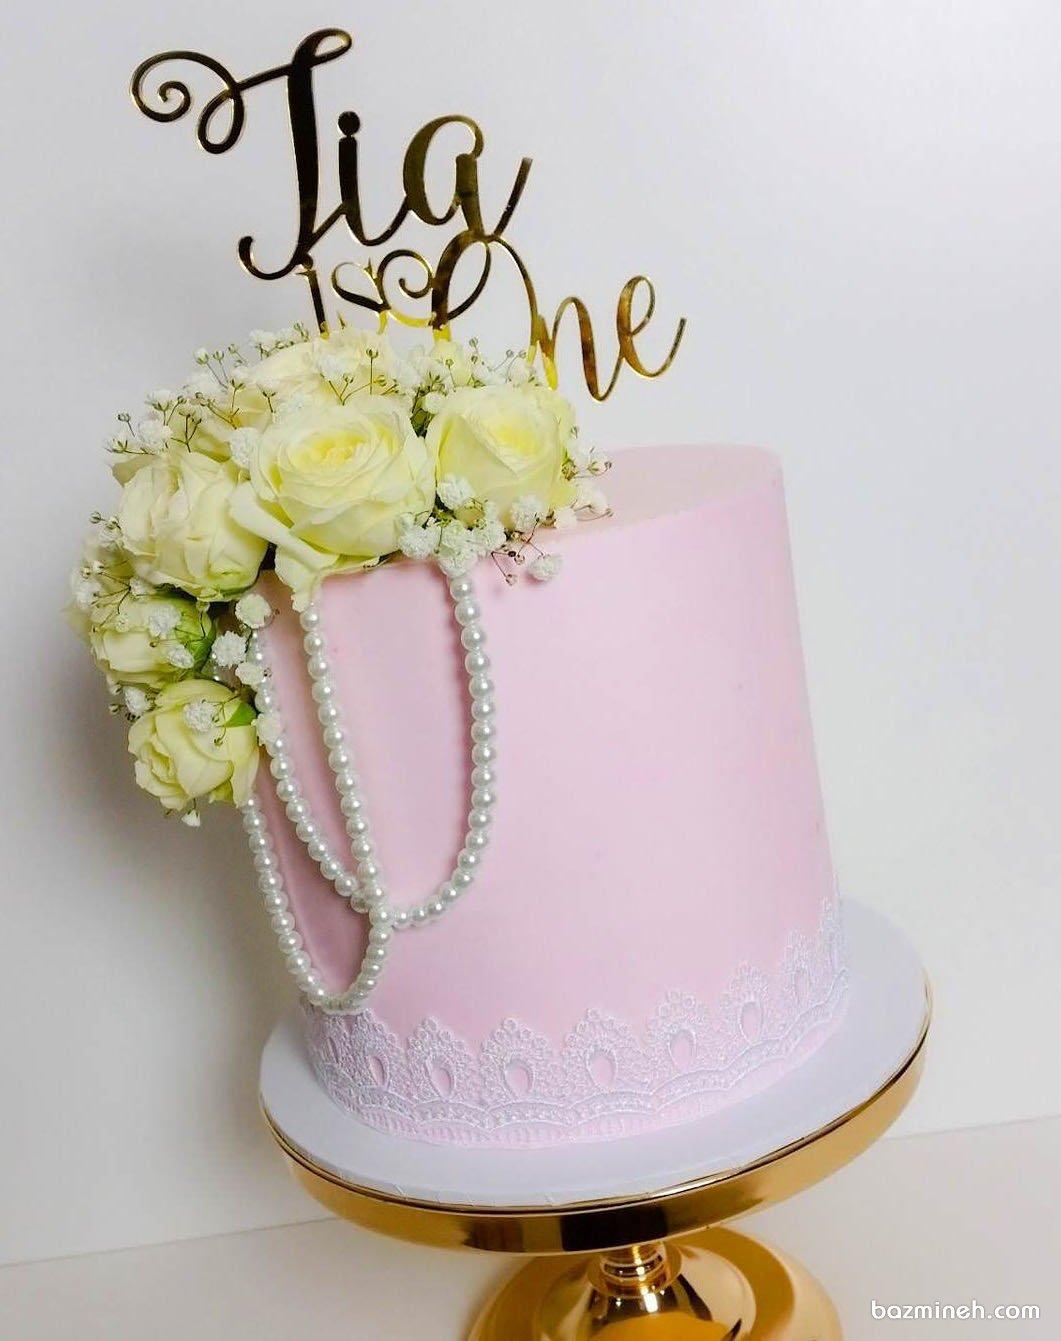 کیک رمانتیک جشن تولد دخترونه با تم صورتی تزیین شده با گل های رز زرد و مروارید